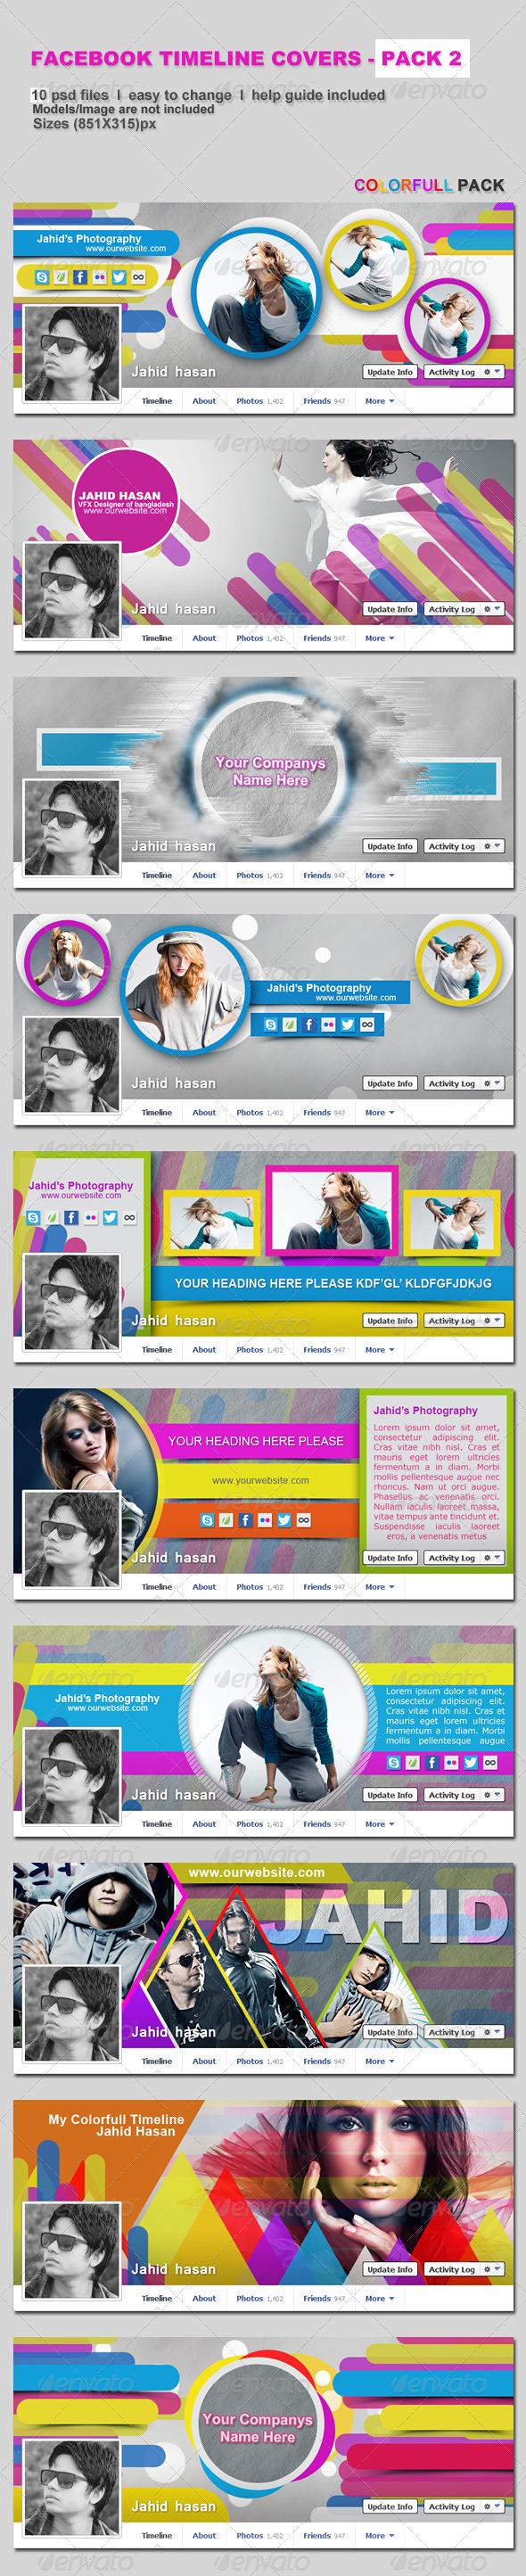 FaceBook Timeline Covers - Pack2 - Facebook Timeline Covers Social Media